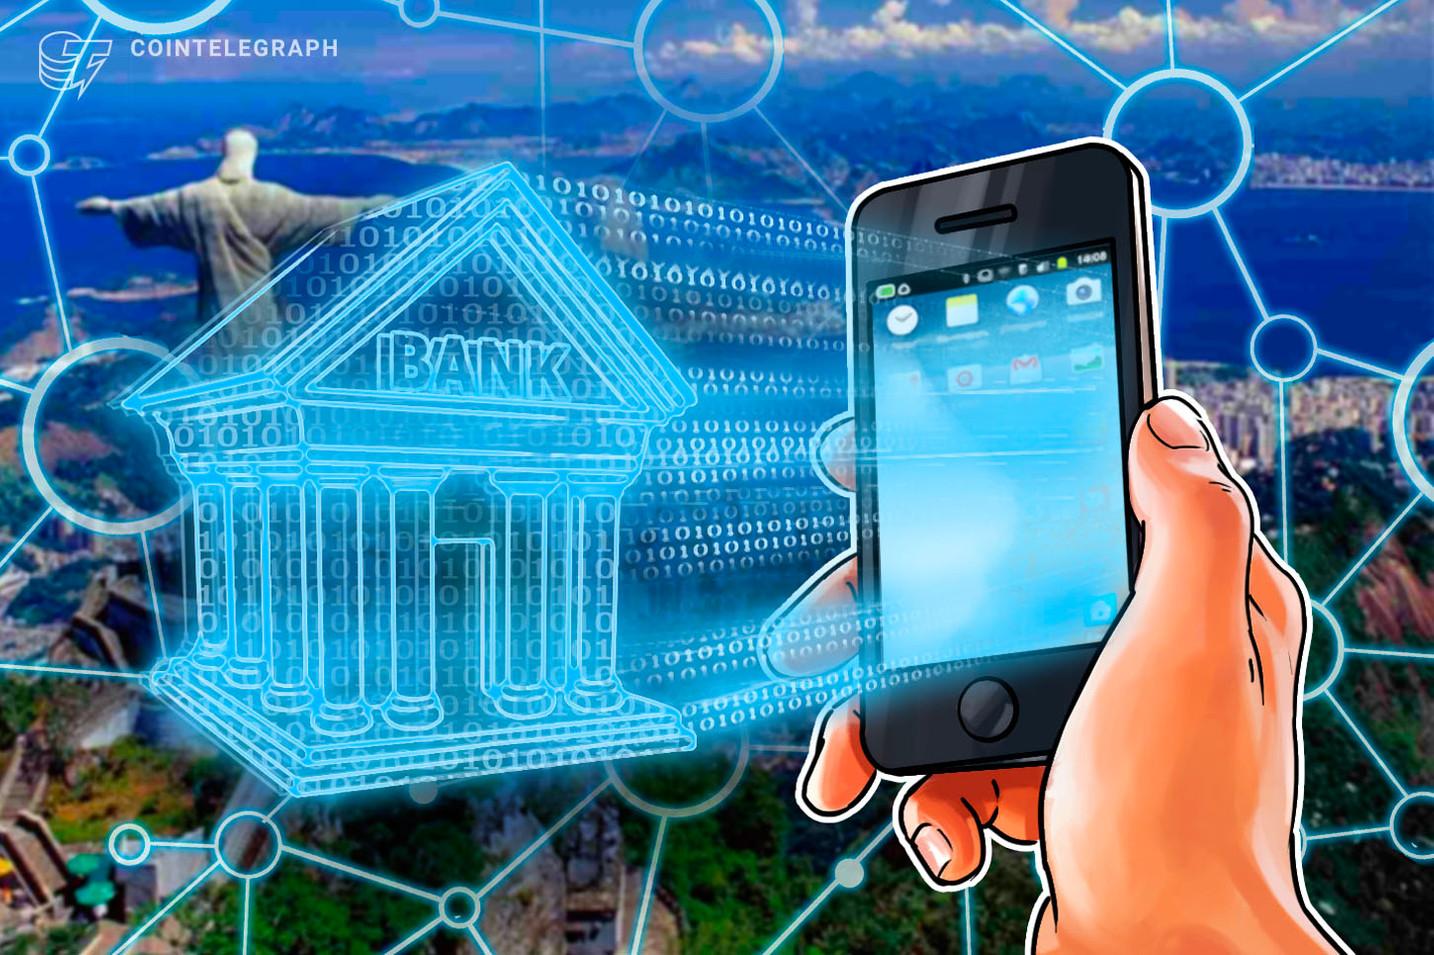 El mayor banco de inversión de América Latina lanzará su propio token de valor